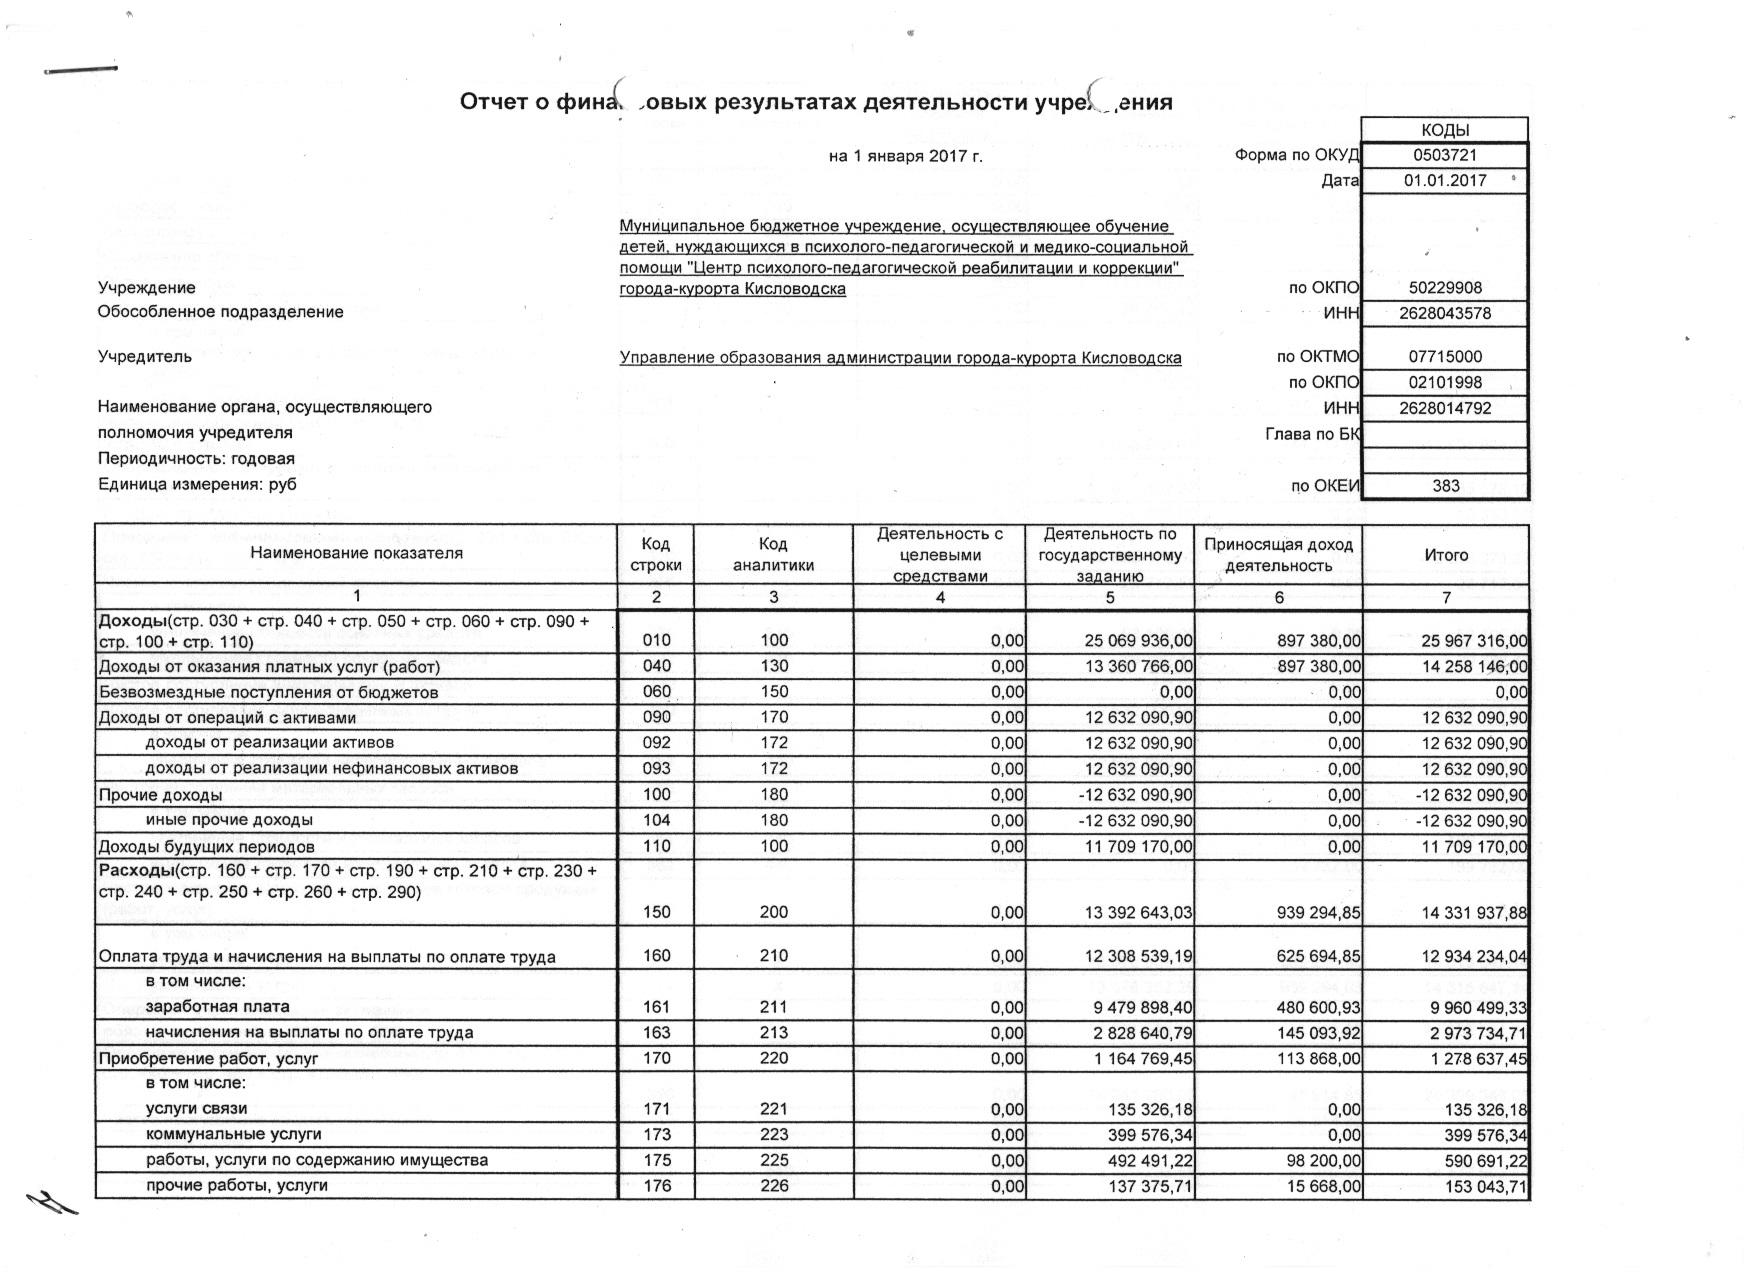 Форма 0503721 Очет о финансовых результатах деятельности МБУ ЦППРиК 2016 1